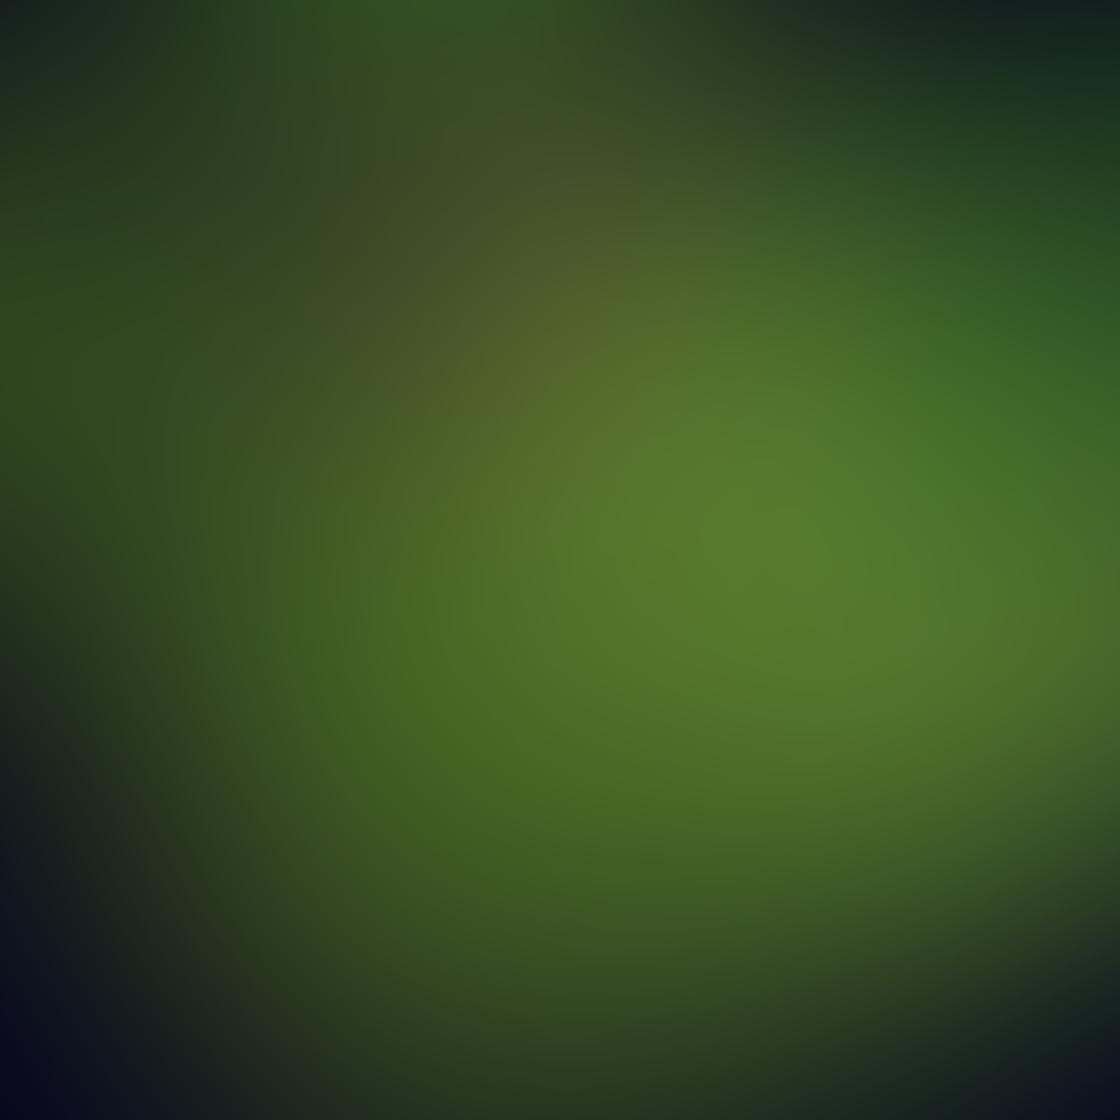 Green iPhone Photos 20